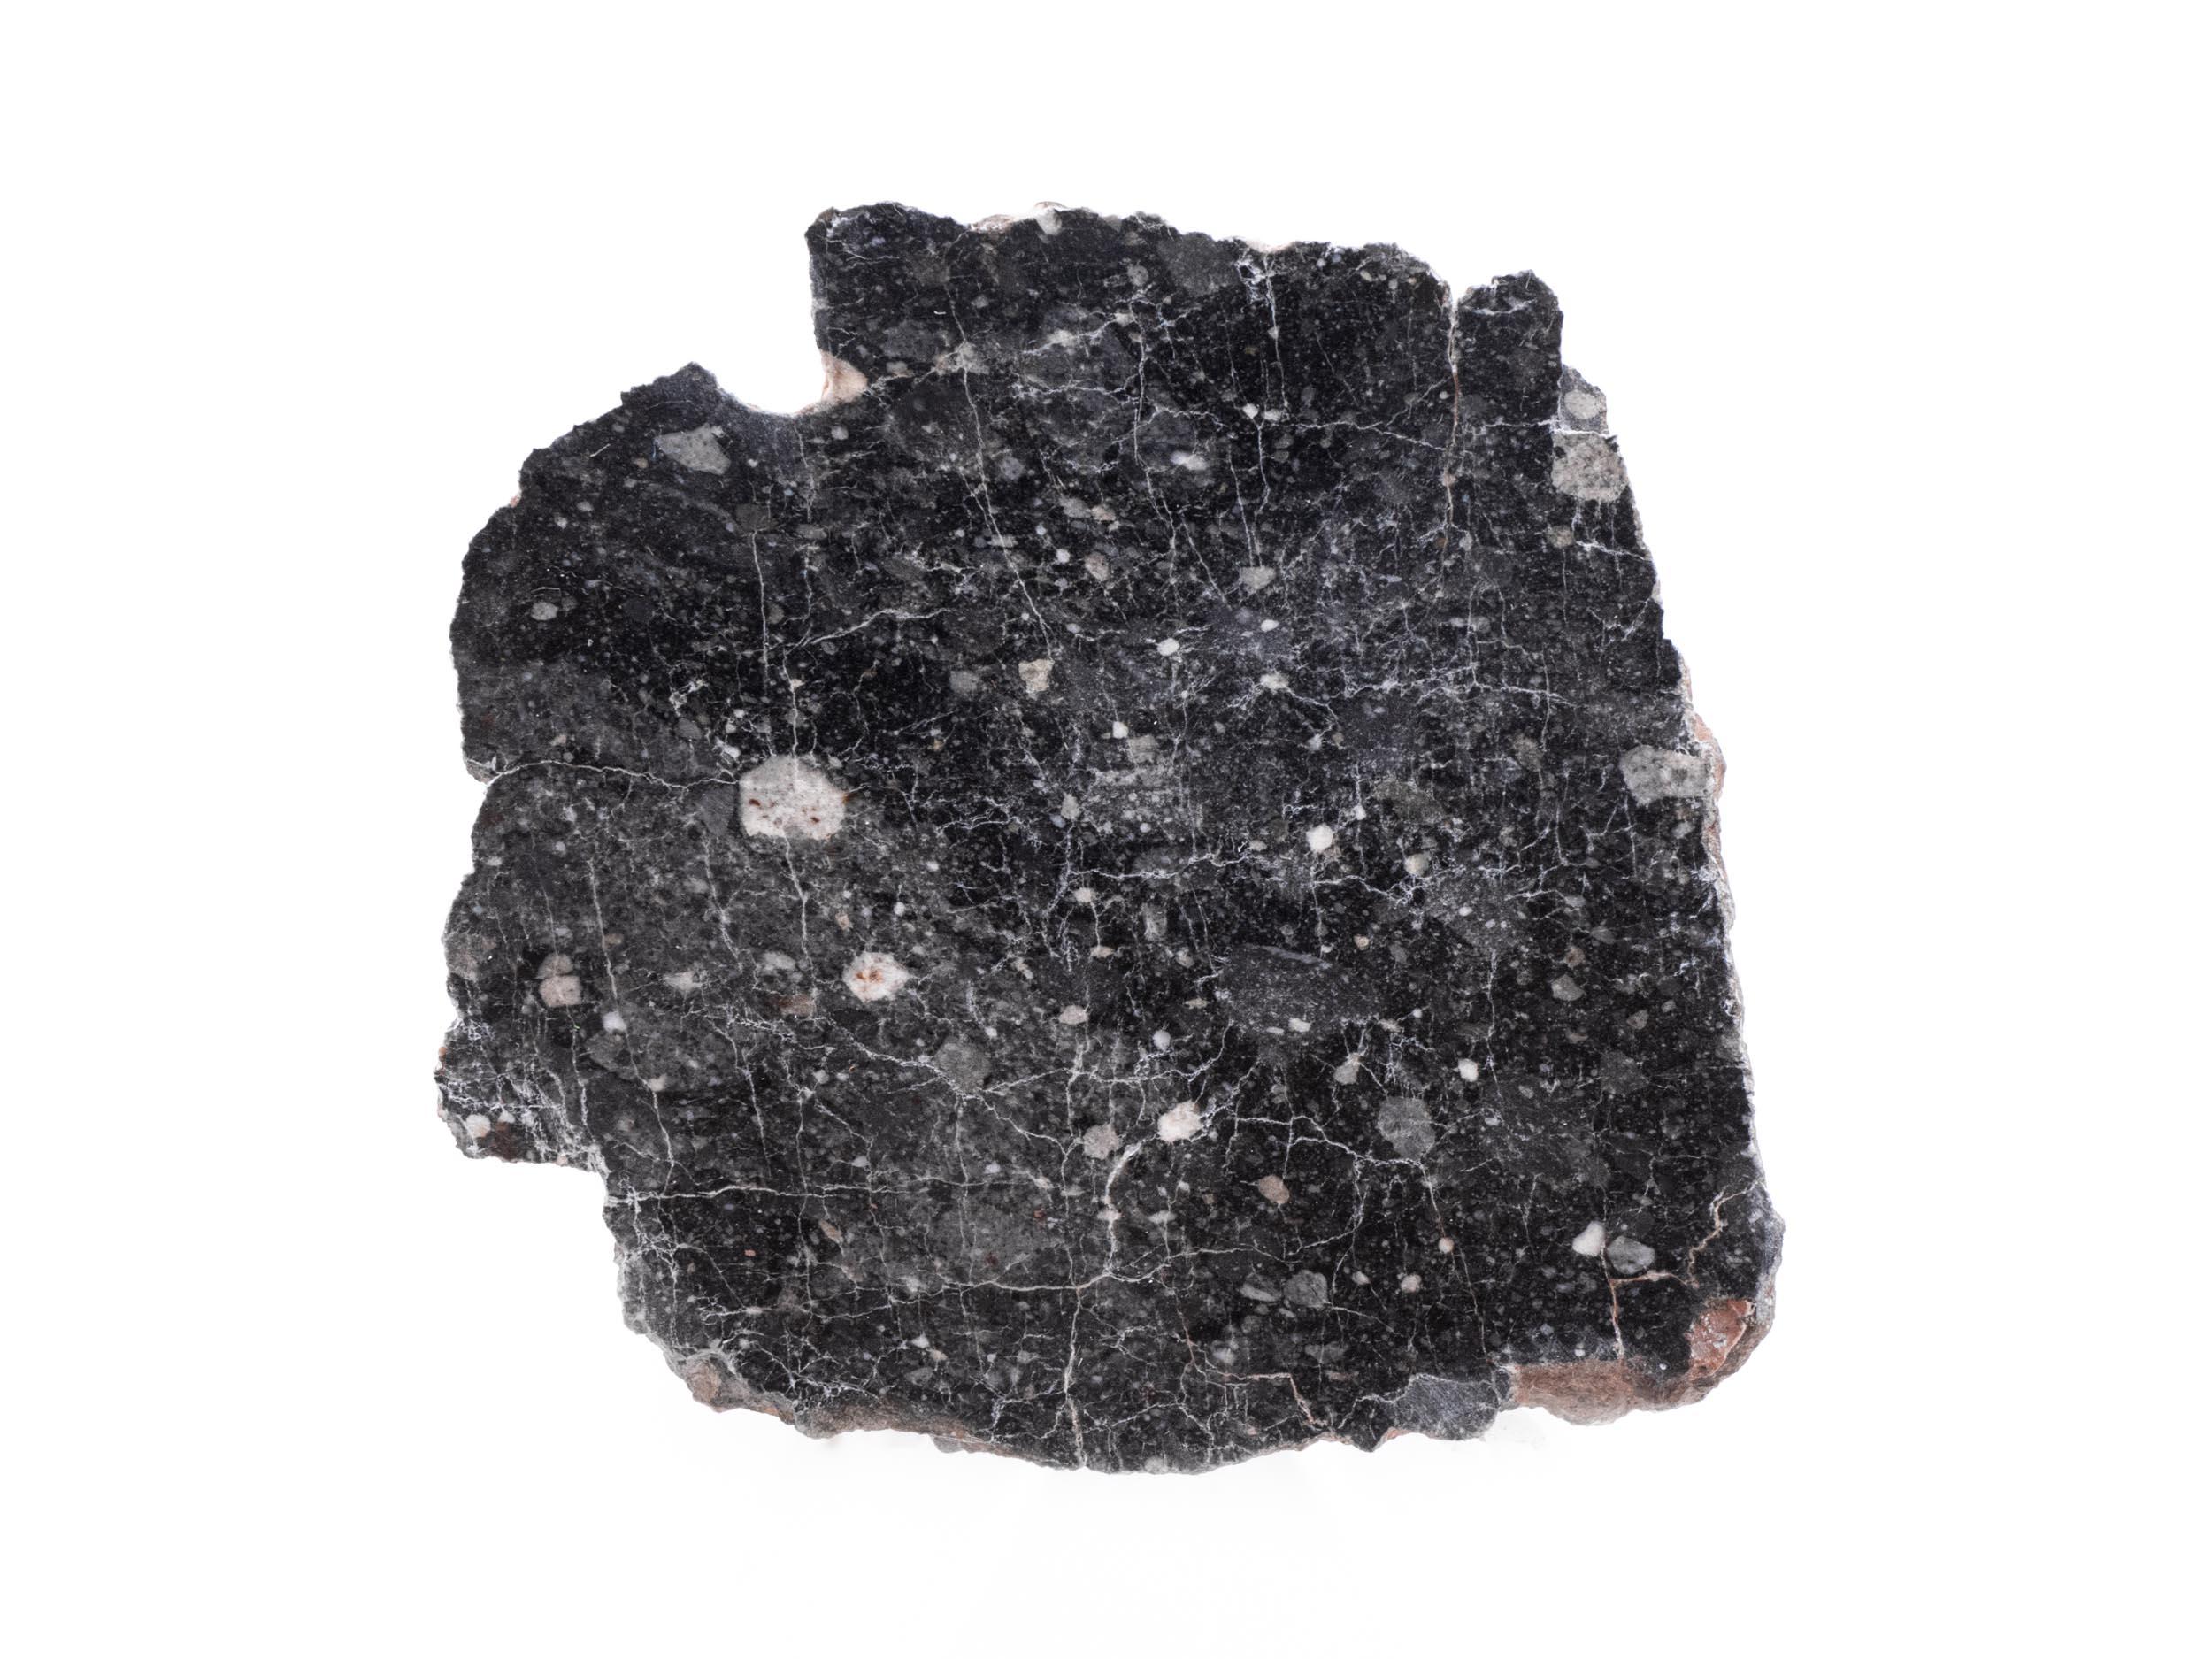 lunar meteorite 11 8 g